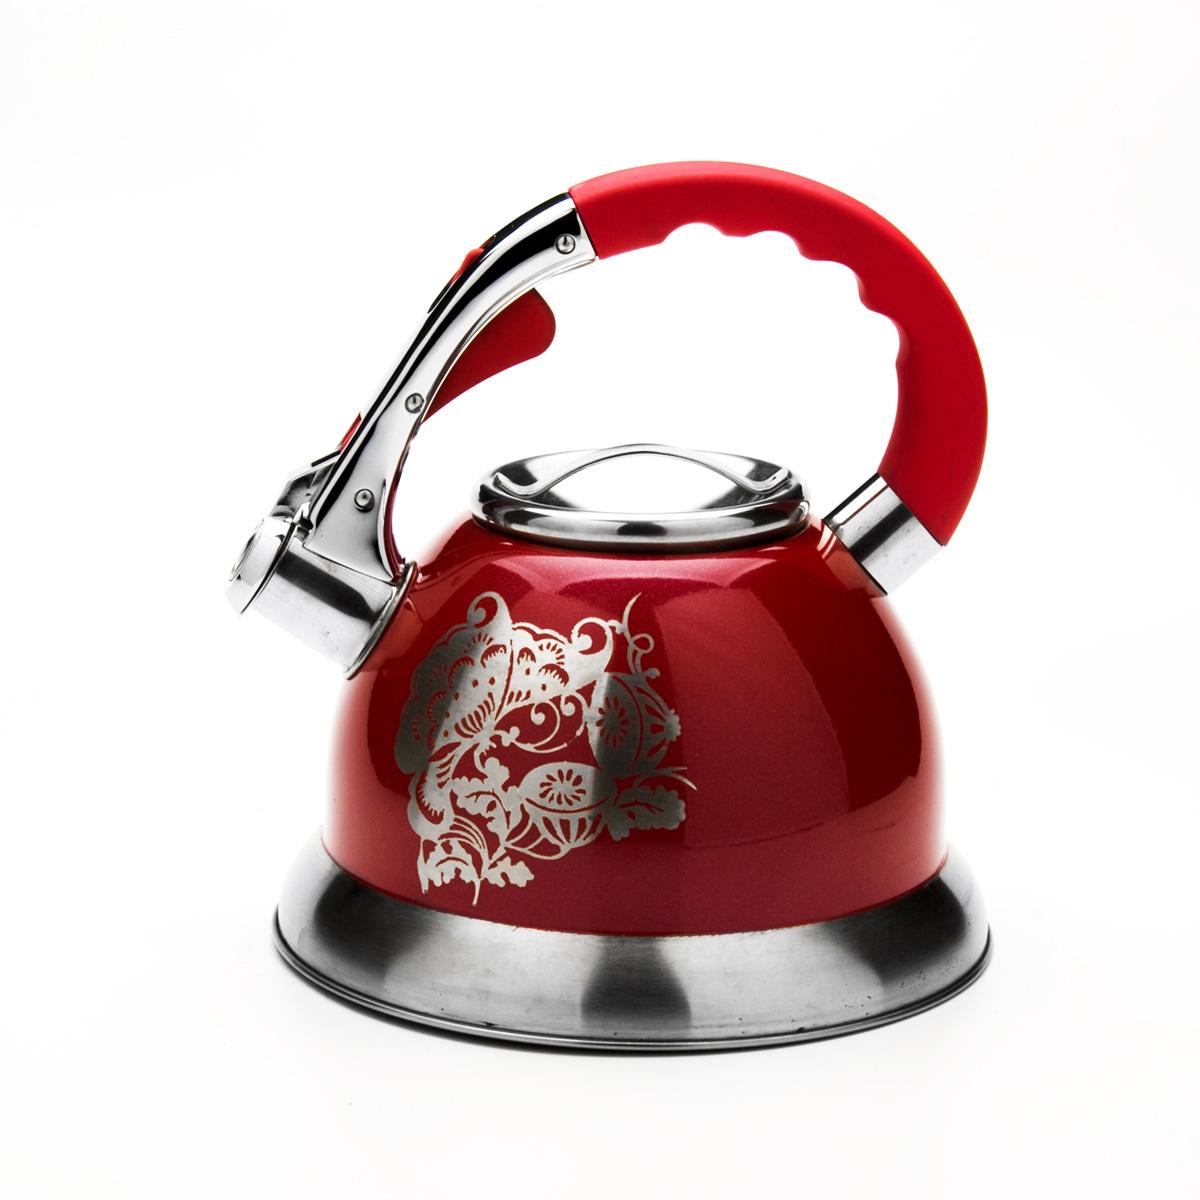 Чайник Mayer & Boch со свистком, цвет: красный, 2,7 л. 2358223582Чайник Mayer & Boch выполнен из высококачественной нержавеющей стали, что обеспечивает долговечность использования. Внешнее цветное эмалевоепокрытие придает приятный внешний вид. Фиксированная ручка из нейлона делает использование чайника очень удобным и безопасным. Чайник снабжен свистком и устройством для открывания носика, которое находится на ручке. Можно мыть в посудомоечной машине. Пригоден для всех видов плит, кроме индукционных. Высота чайника (без учета крышки и ручки): 13 см. Диаметр основания: 22 см.